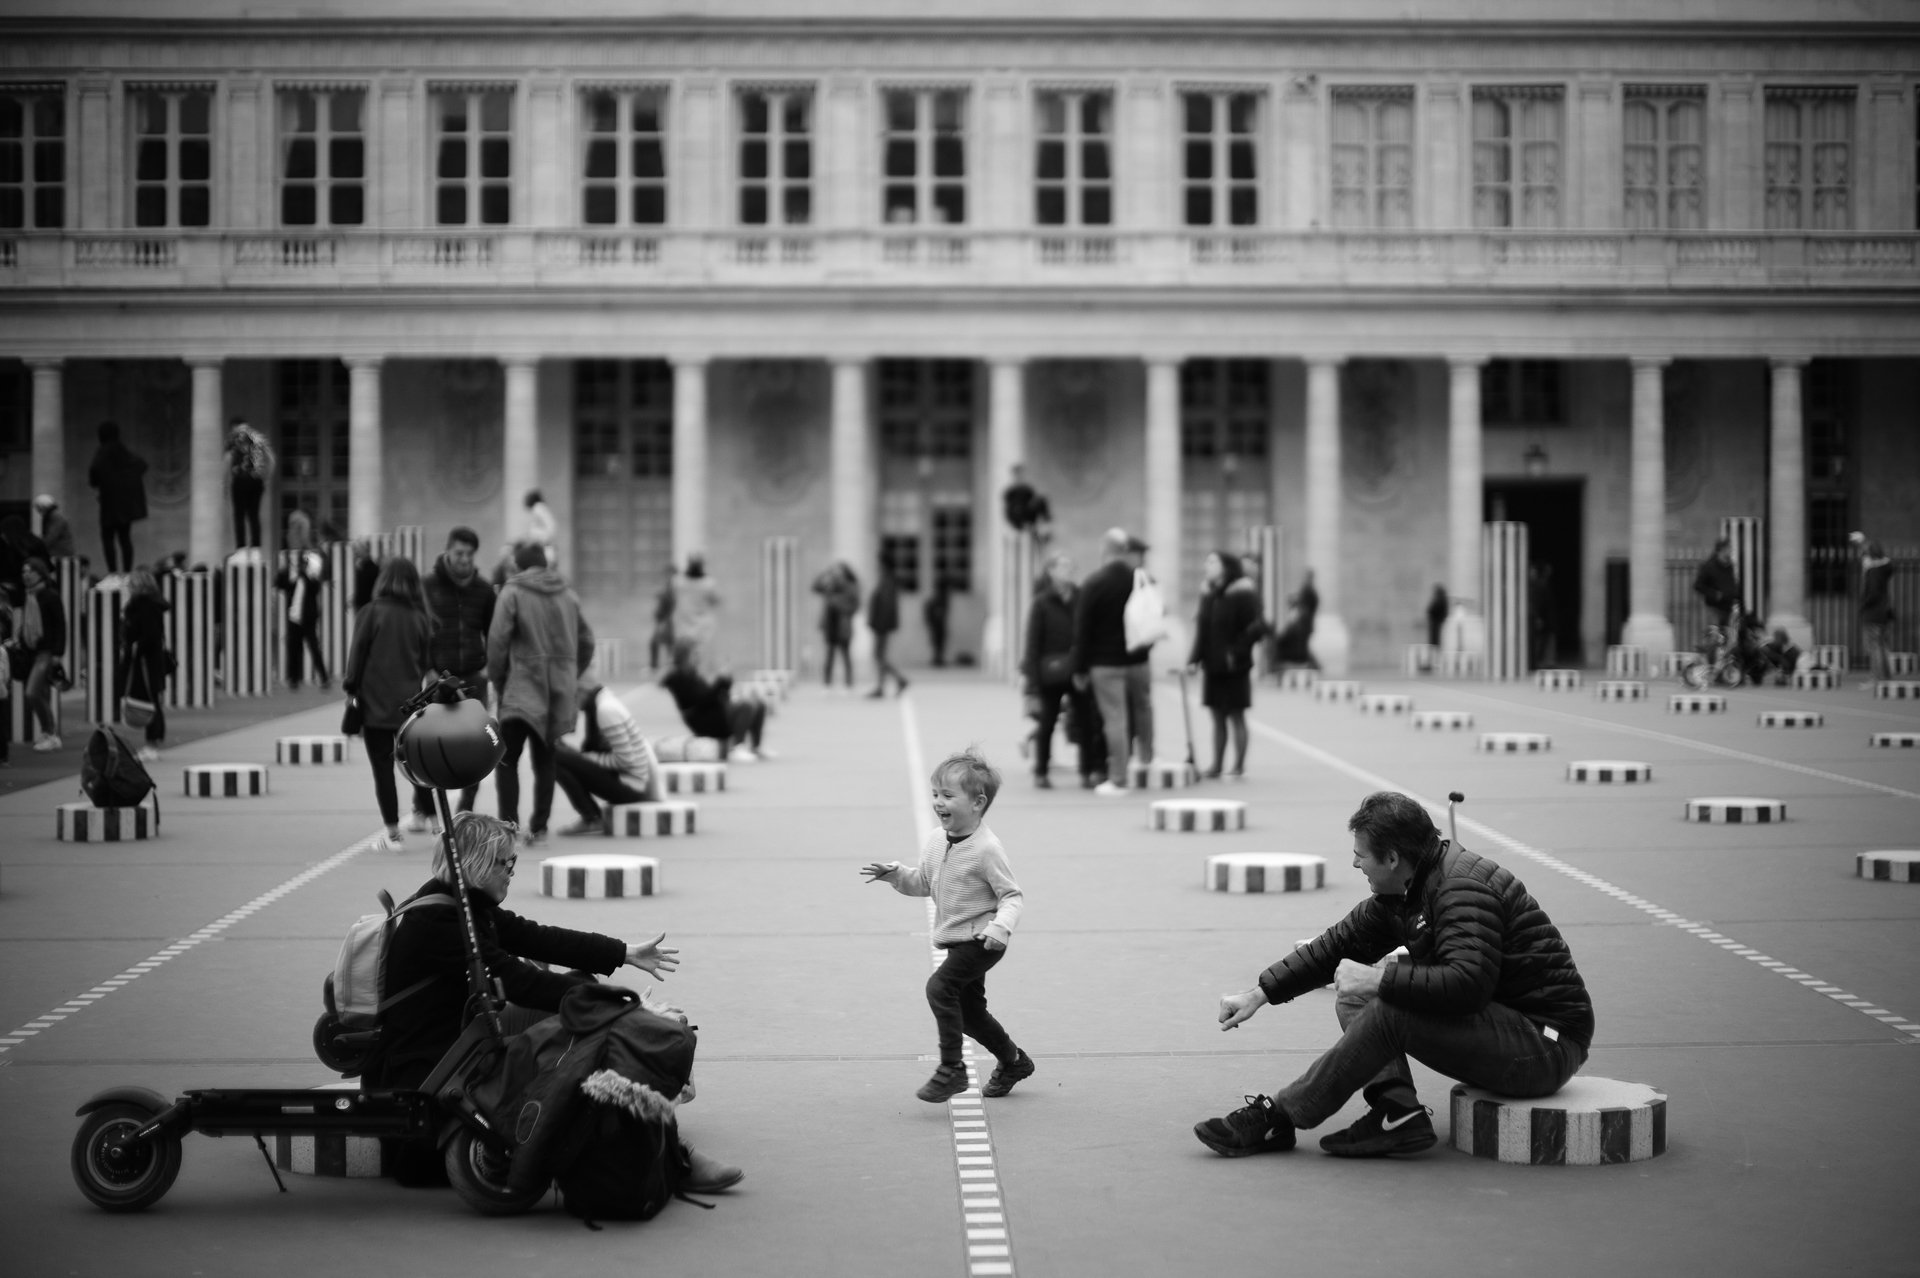 Family time at Palais Royal © 2019 Jerry Yang